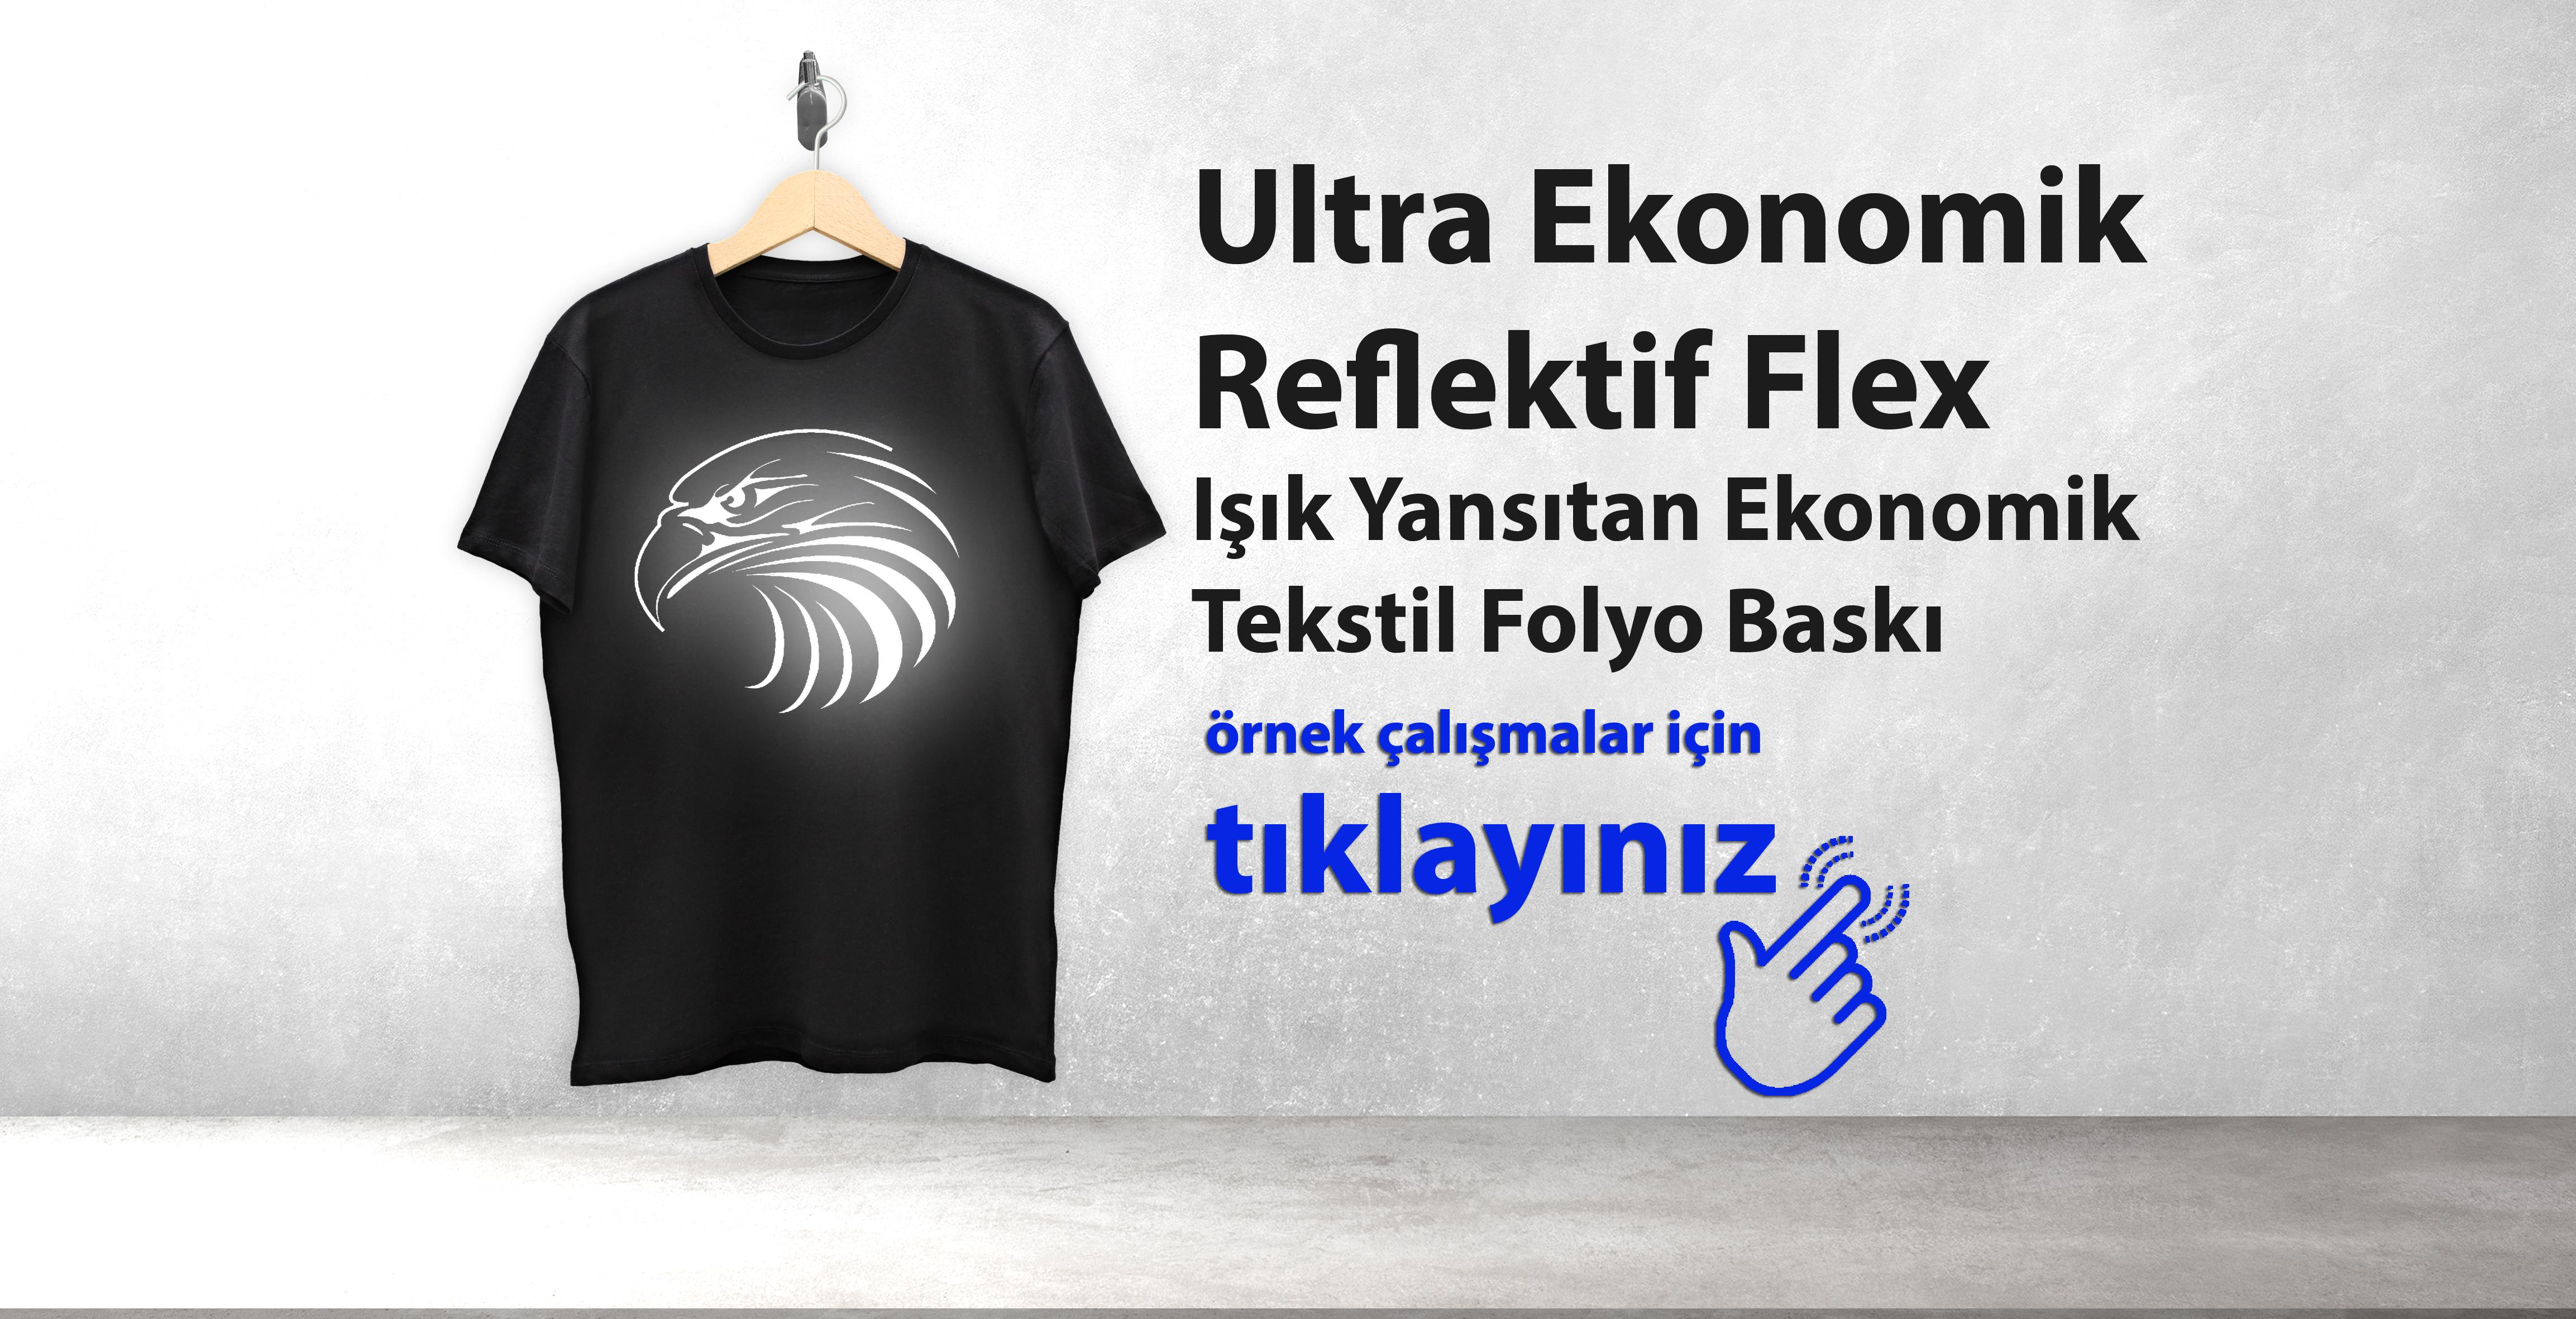 Ultra Ekonomik Reflektif Flex – Işık Yansıtan Ekonomik Tekstil Folyo Baskı